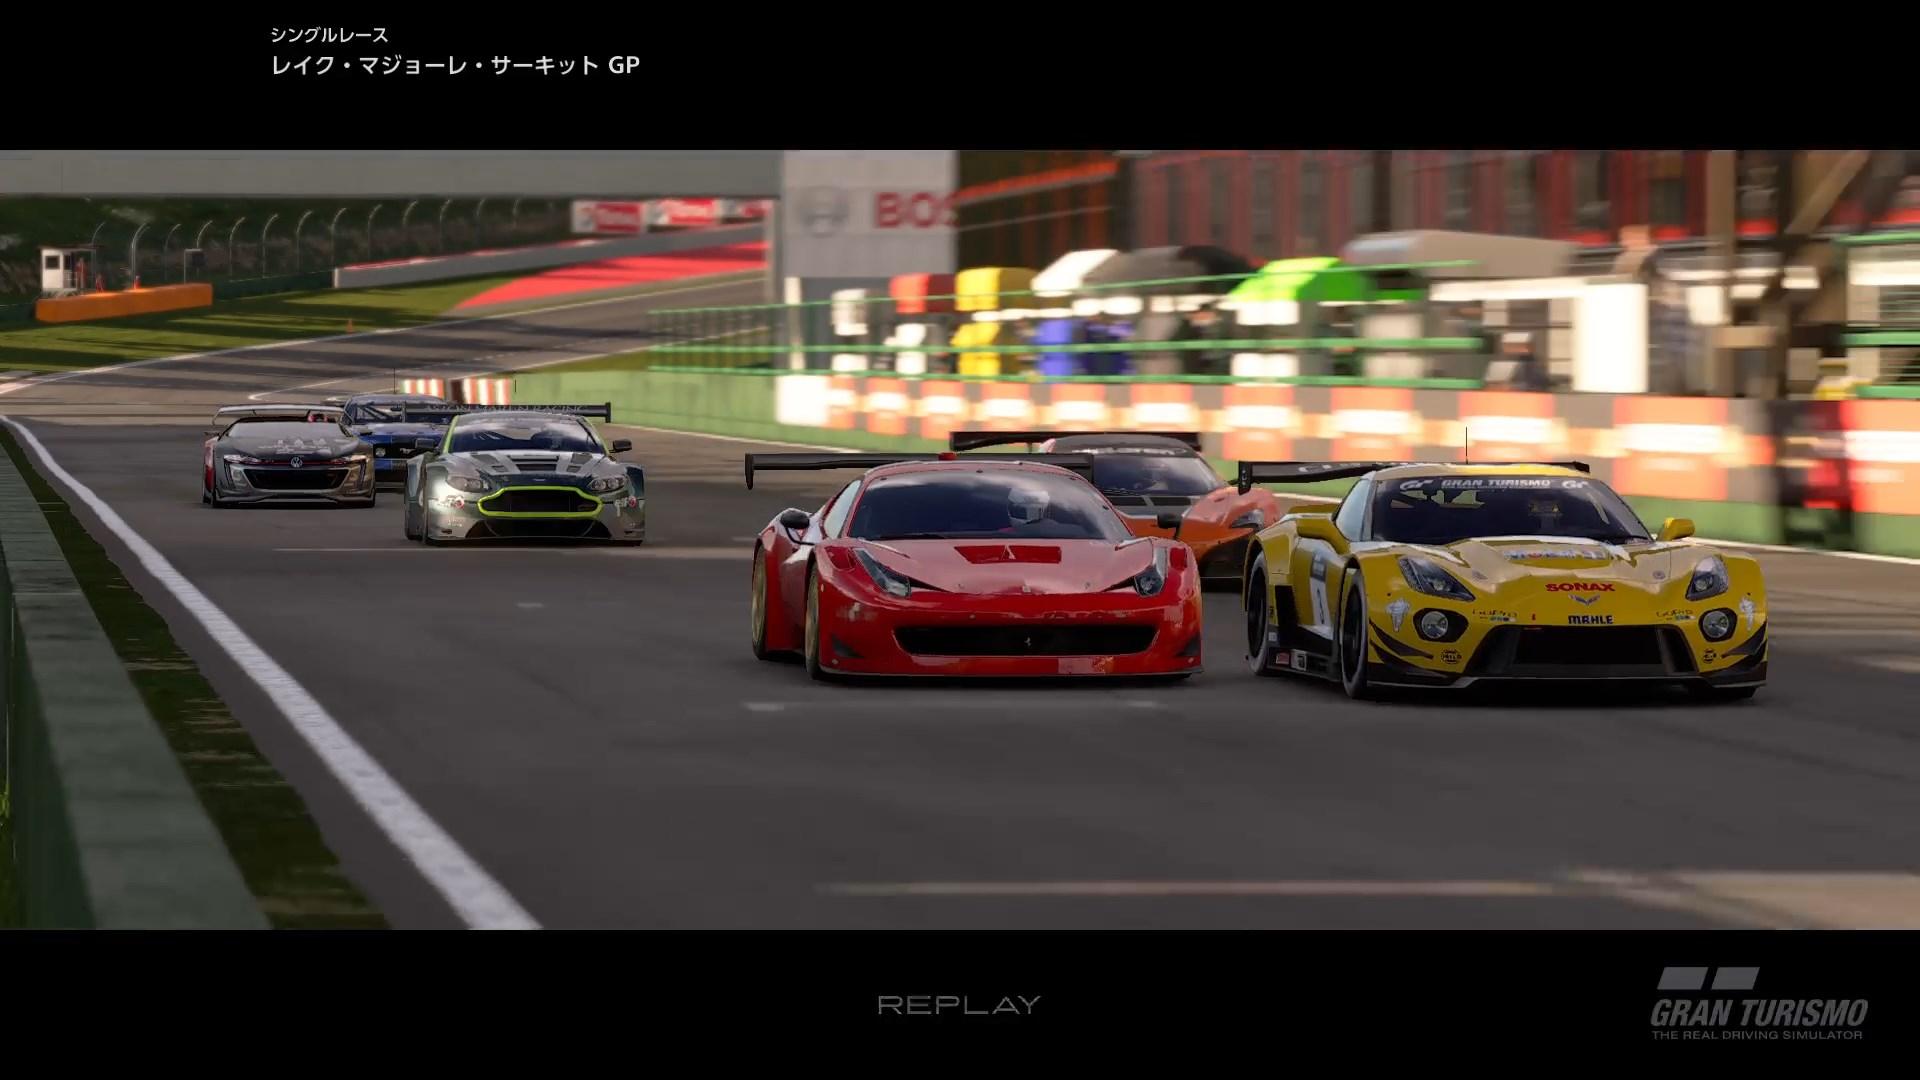 クリーンに気持ちよくレースを楽しむことを目指す「GT SPORT」